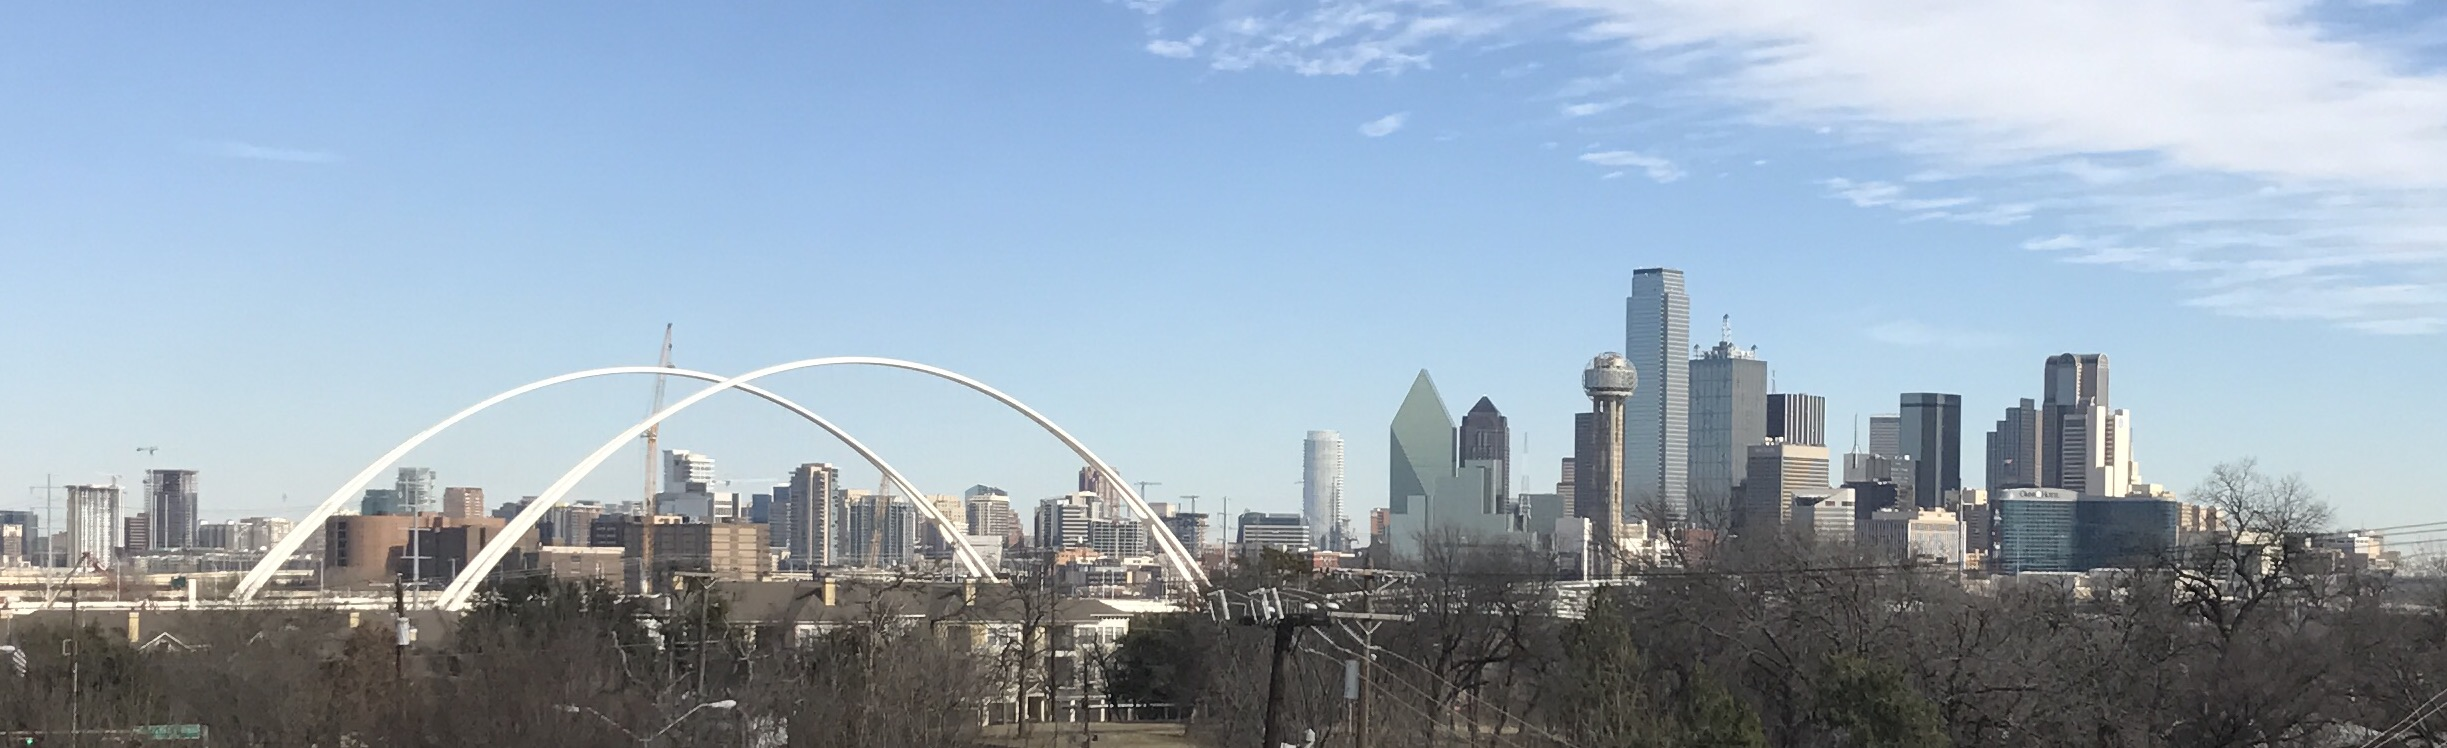 Dallas–Fort Worth metroplex - Wikipedia